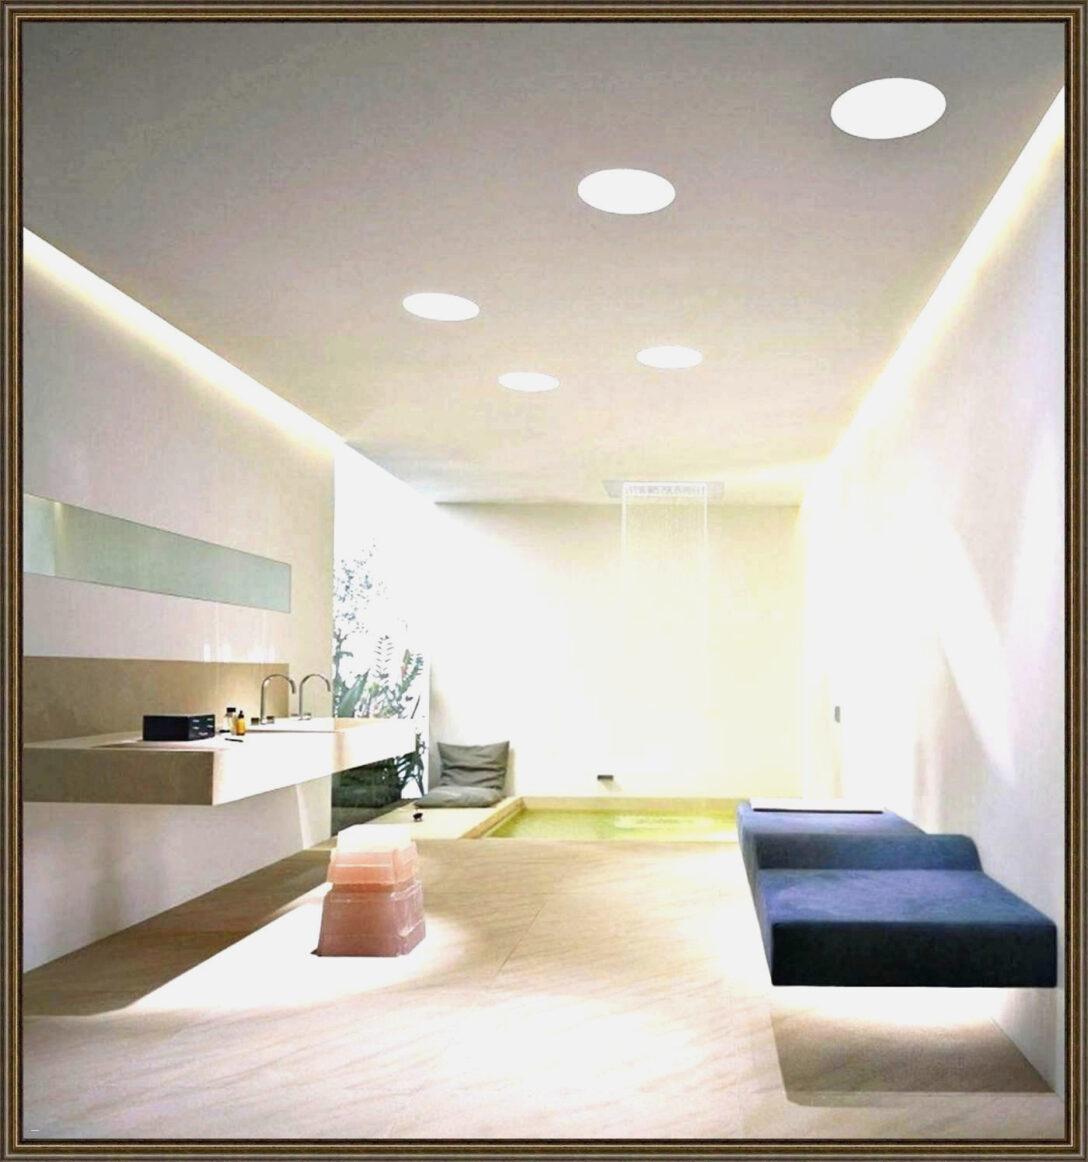 Large Size of Lampe Wohnzimmer Decke Beleuchtung Badezimmer Deckenlampen Modern Deckenleuchte Schlafzimmer Deckenlampe Heizkörper Küche Wandbild Led Vorhänge Bad Wohnzimmer Lampe Wohnzimmer Decke